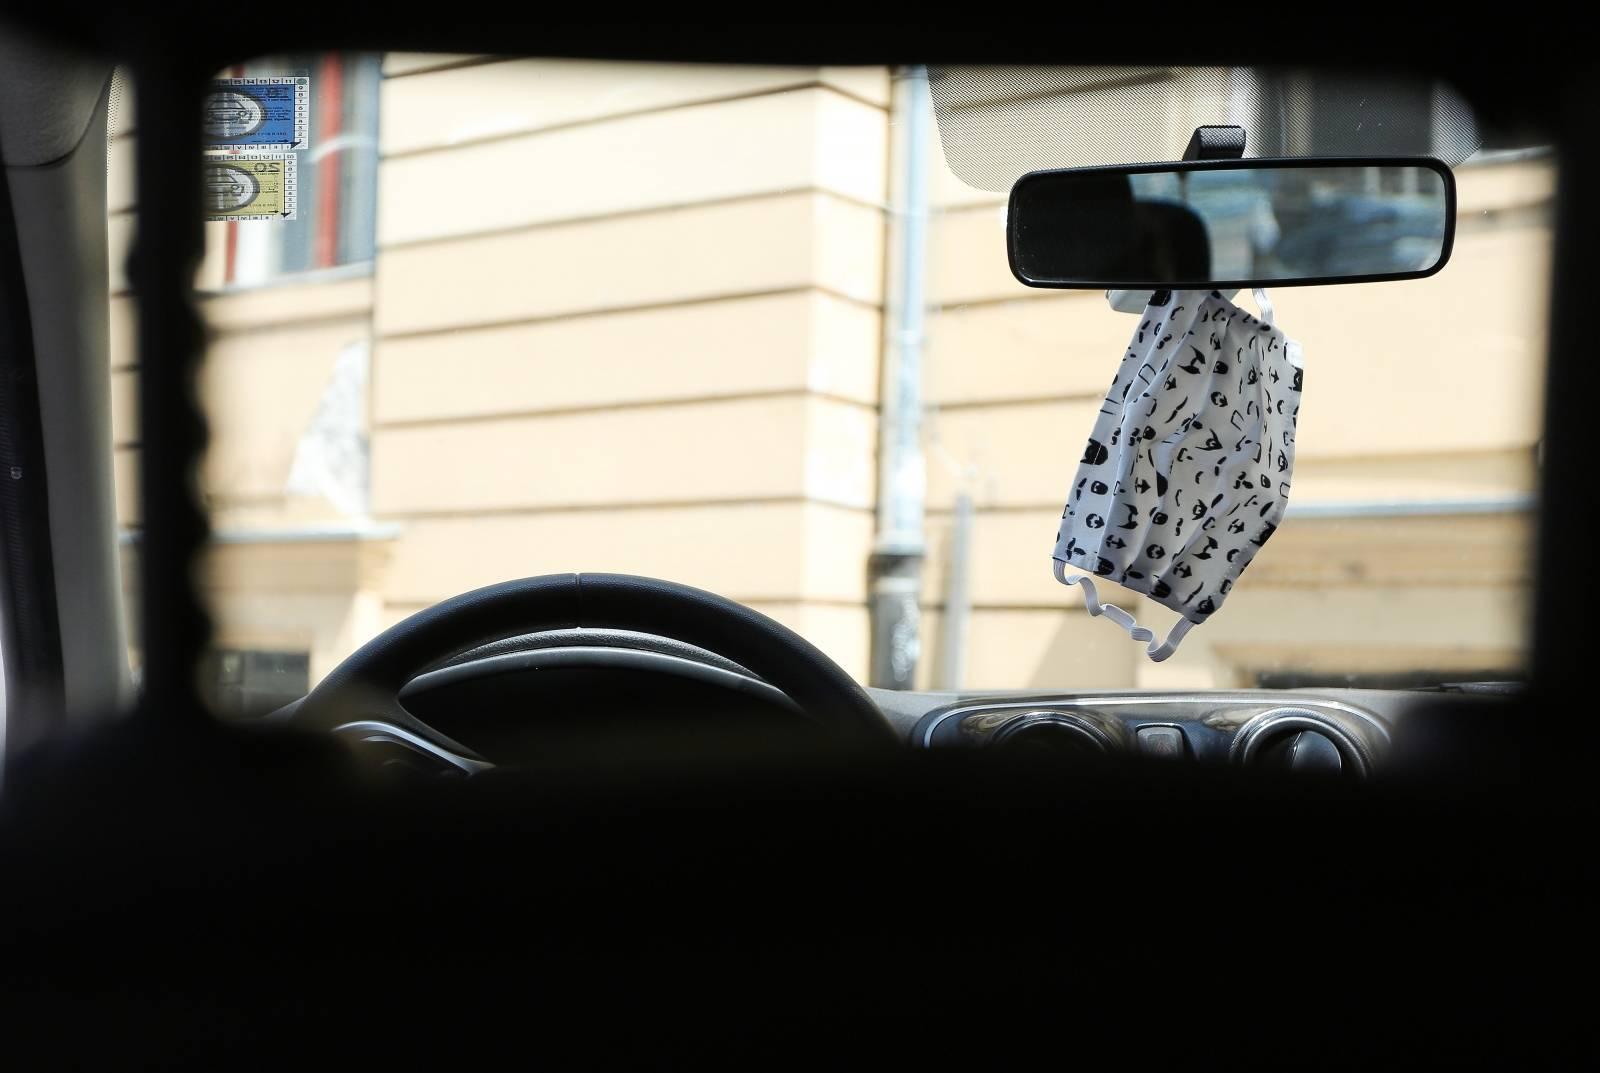 Najpopularniji ukras u automobilu u 2020. godini je zaštitna maska